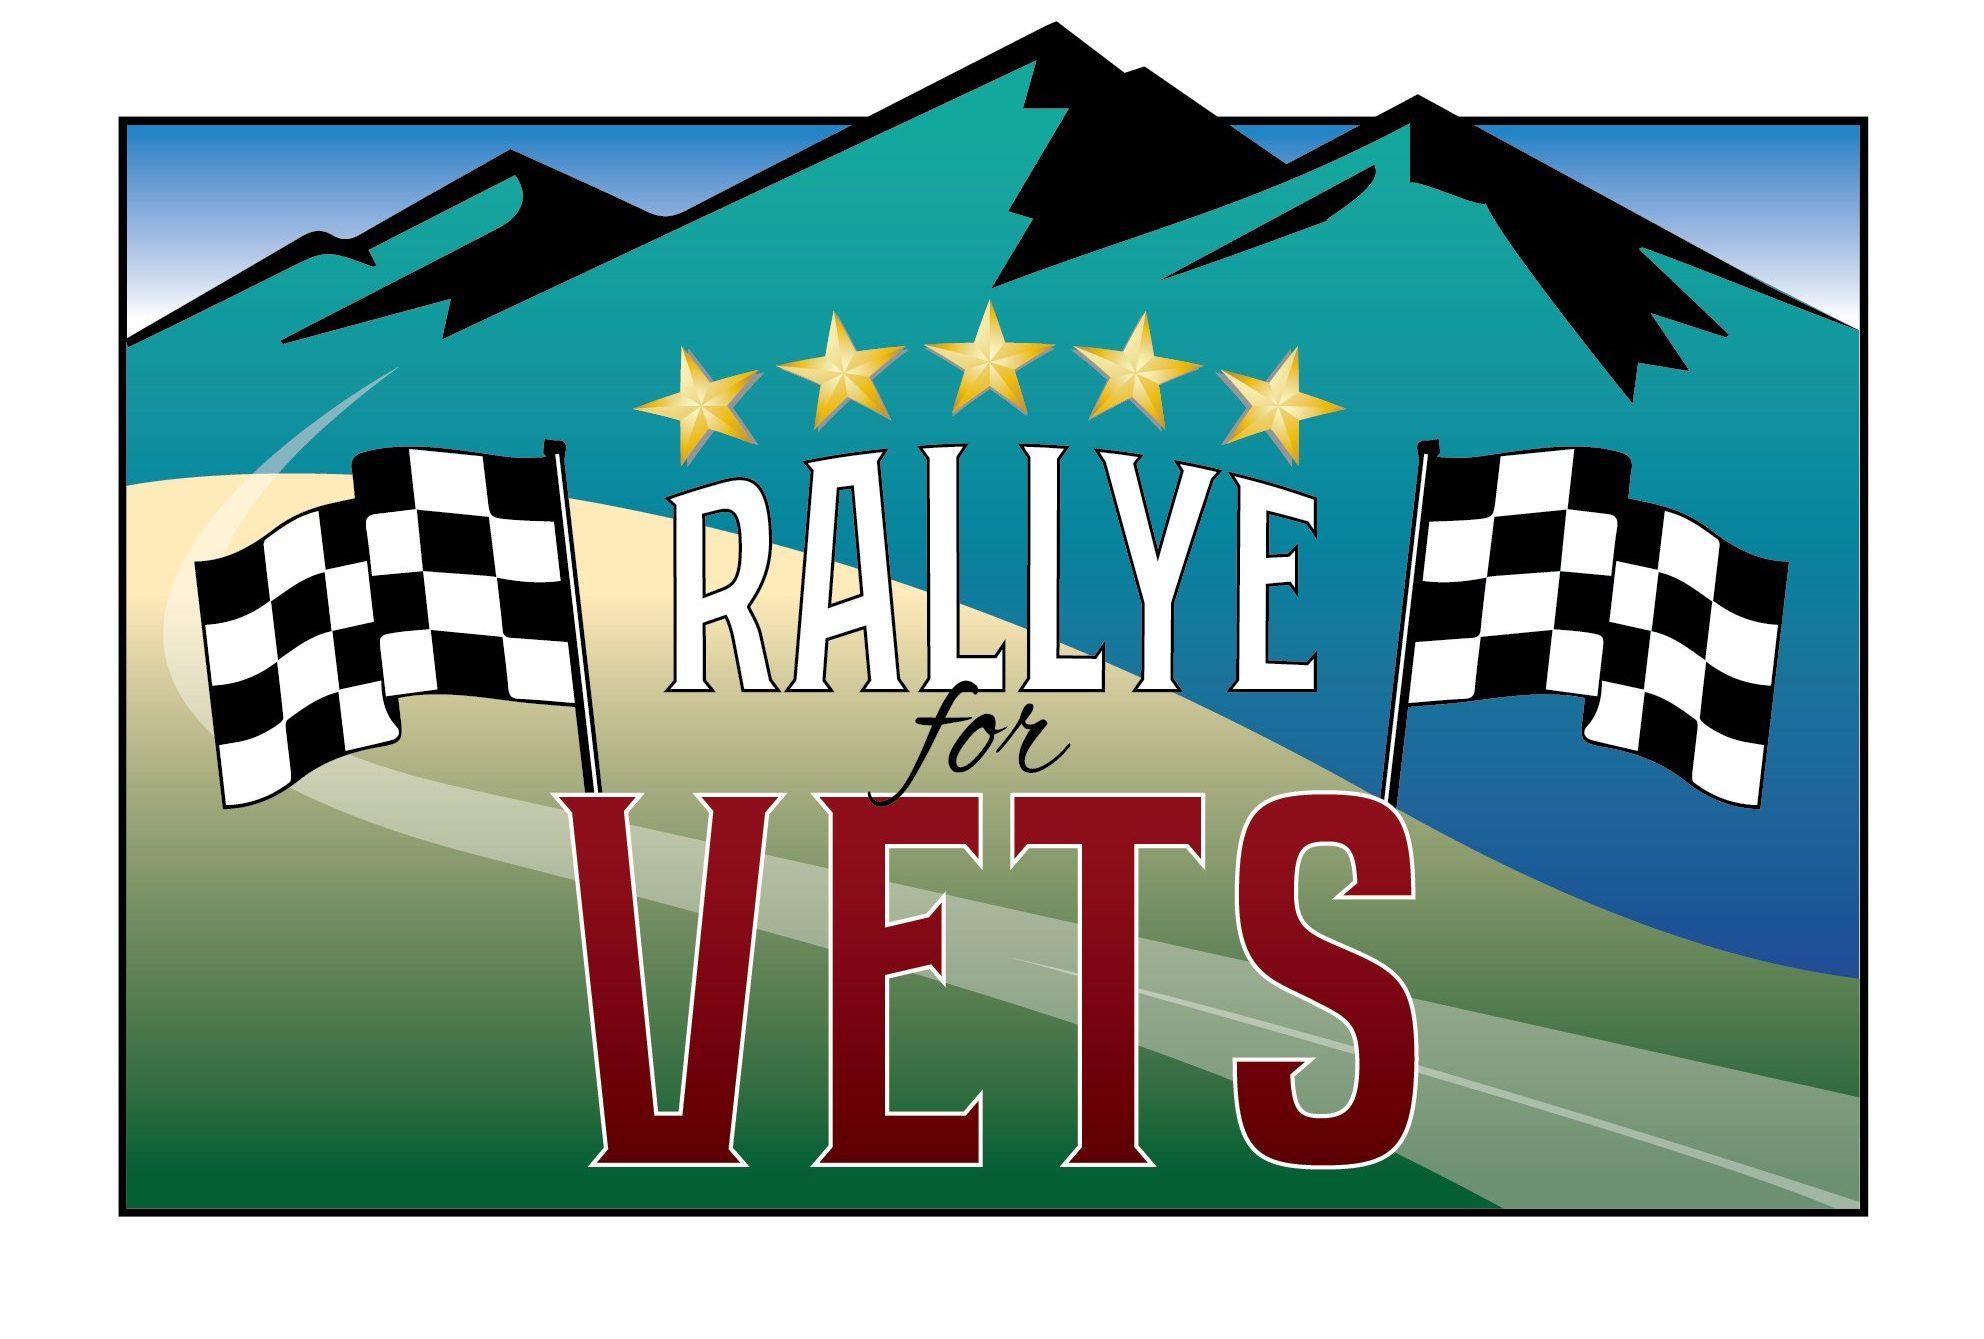 Loudoun Now Features Our Upcoming Rallye